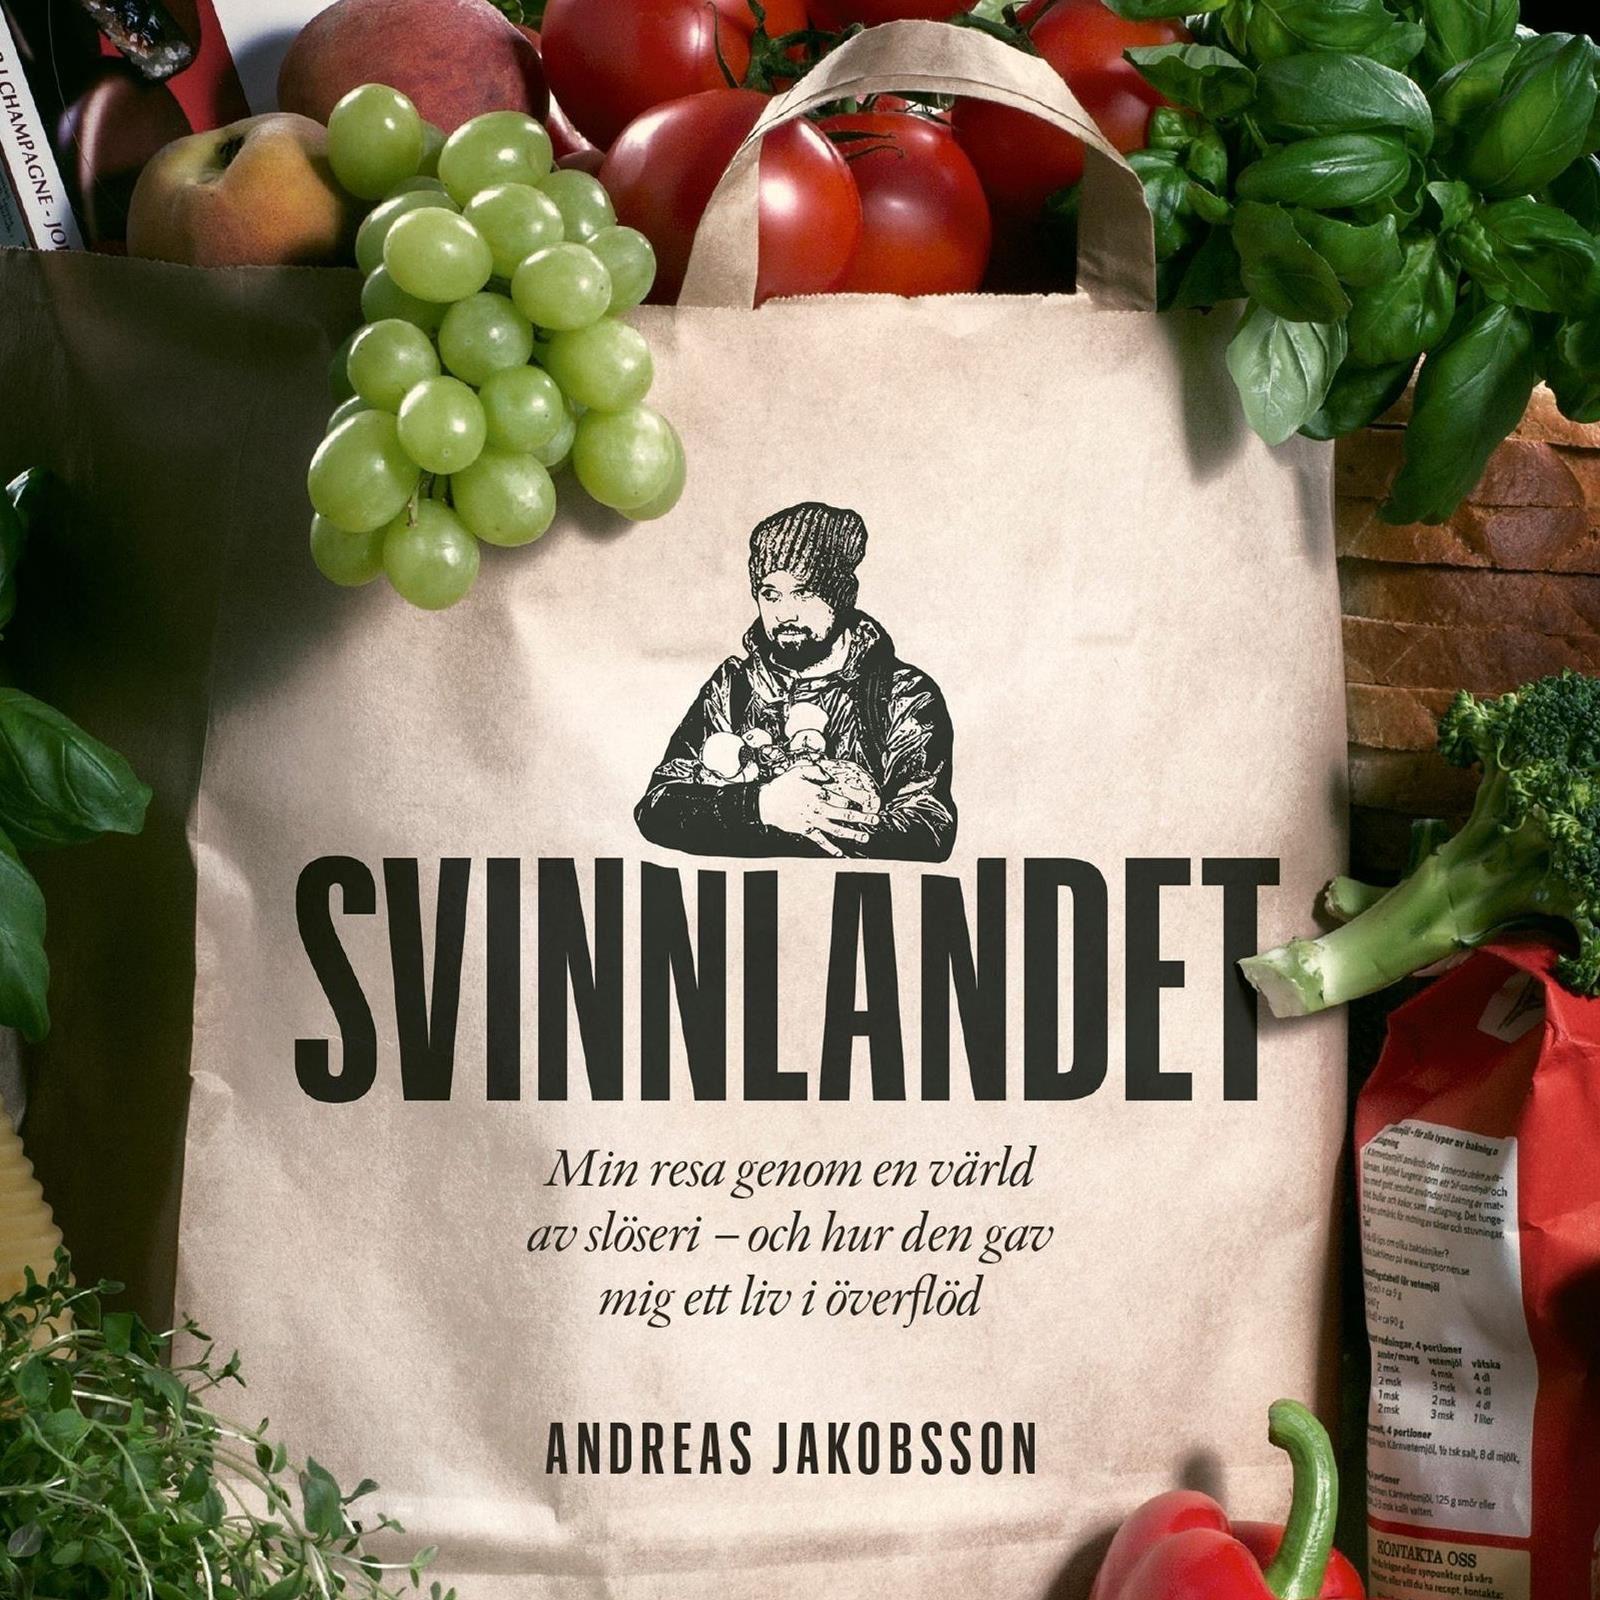 Lena Granefelt, Föredrag: Svinnlandet